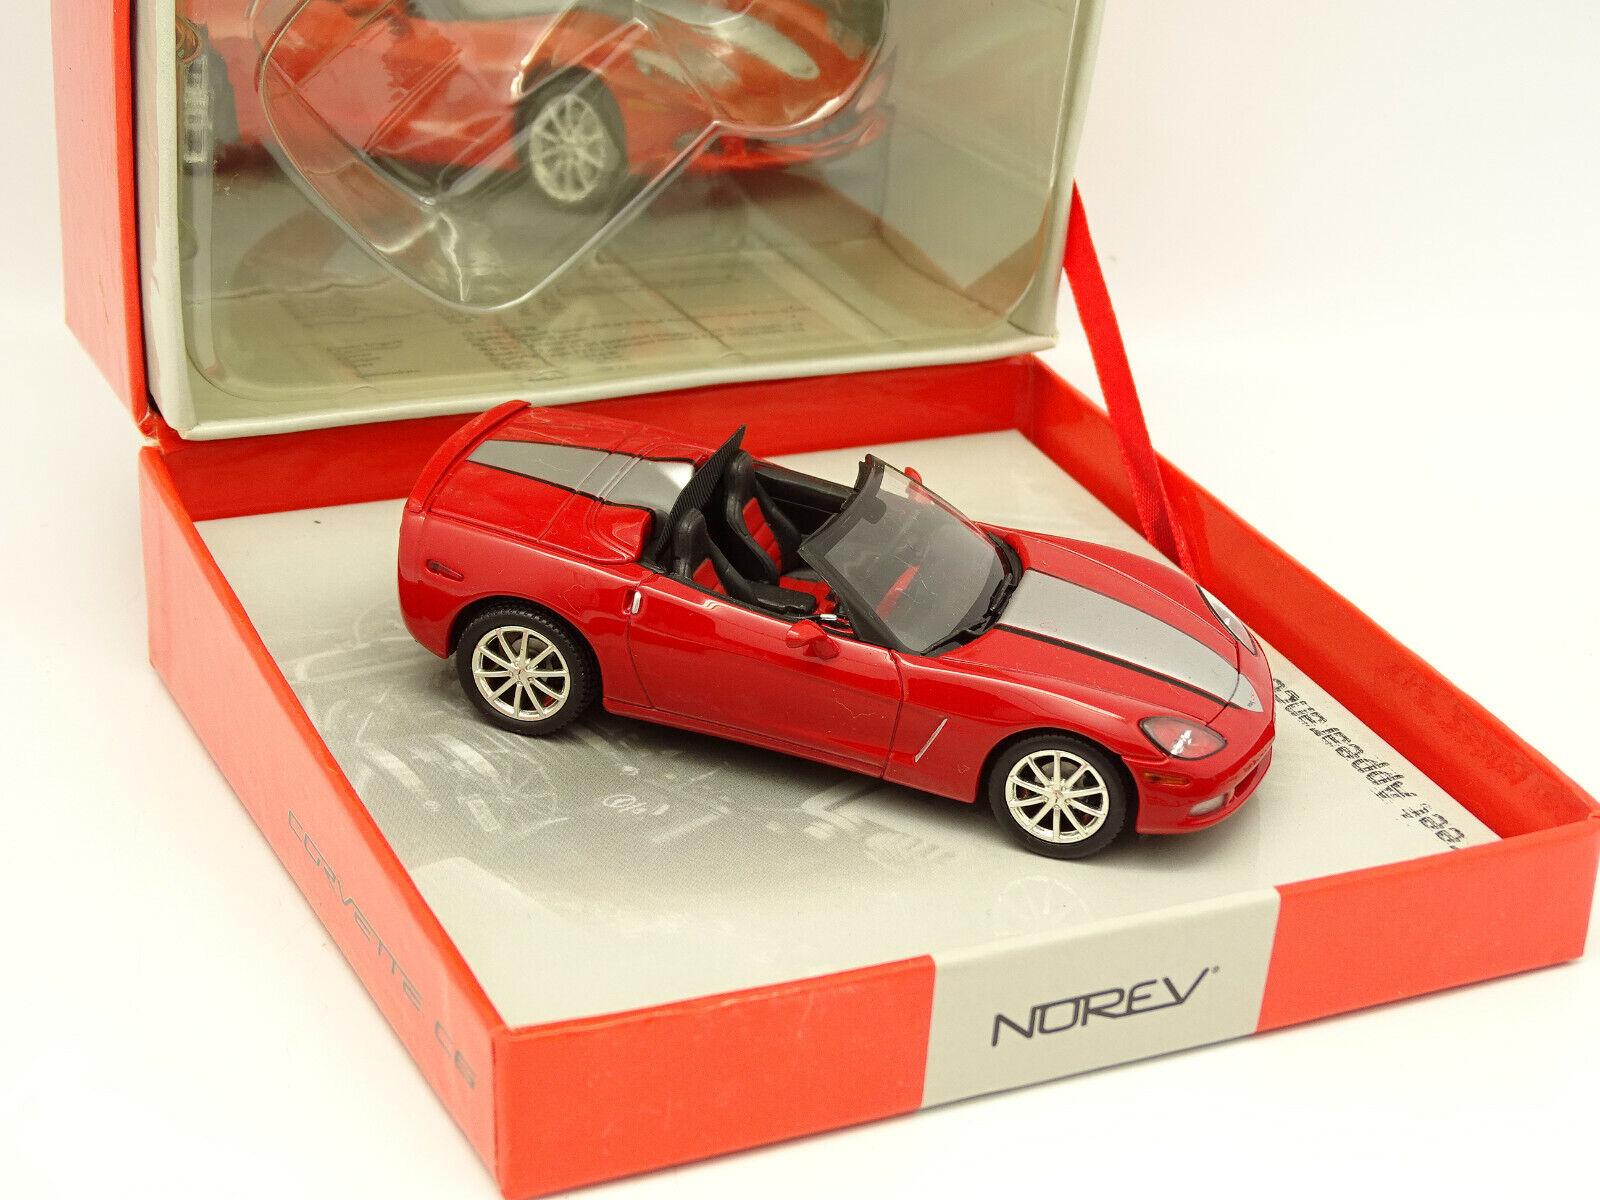 prezzi più bassi Norev 1 43 - Chevrolet Corvette Corvette Corvette Cabrio Rosso Street Aspetto  prezzi equi